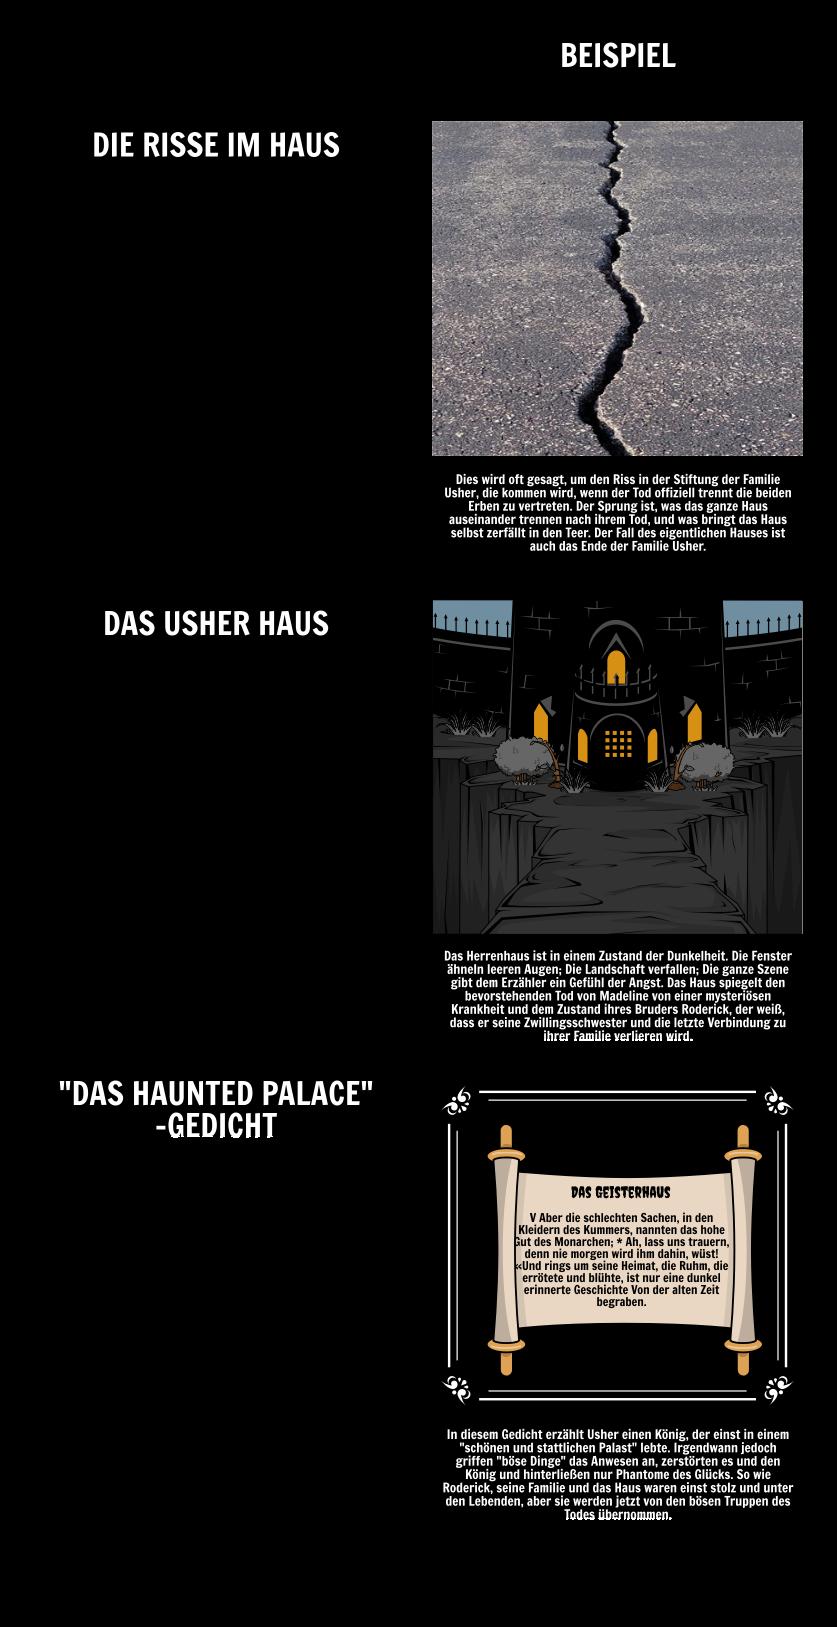 Der Fall des Hauses von Usher Zusammenfassung & Lektion Pläne